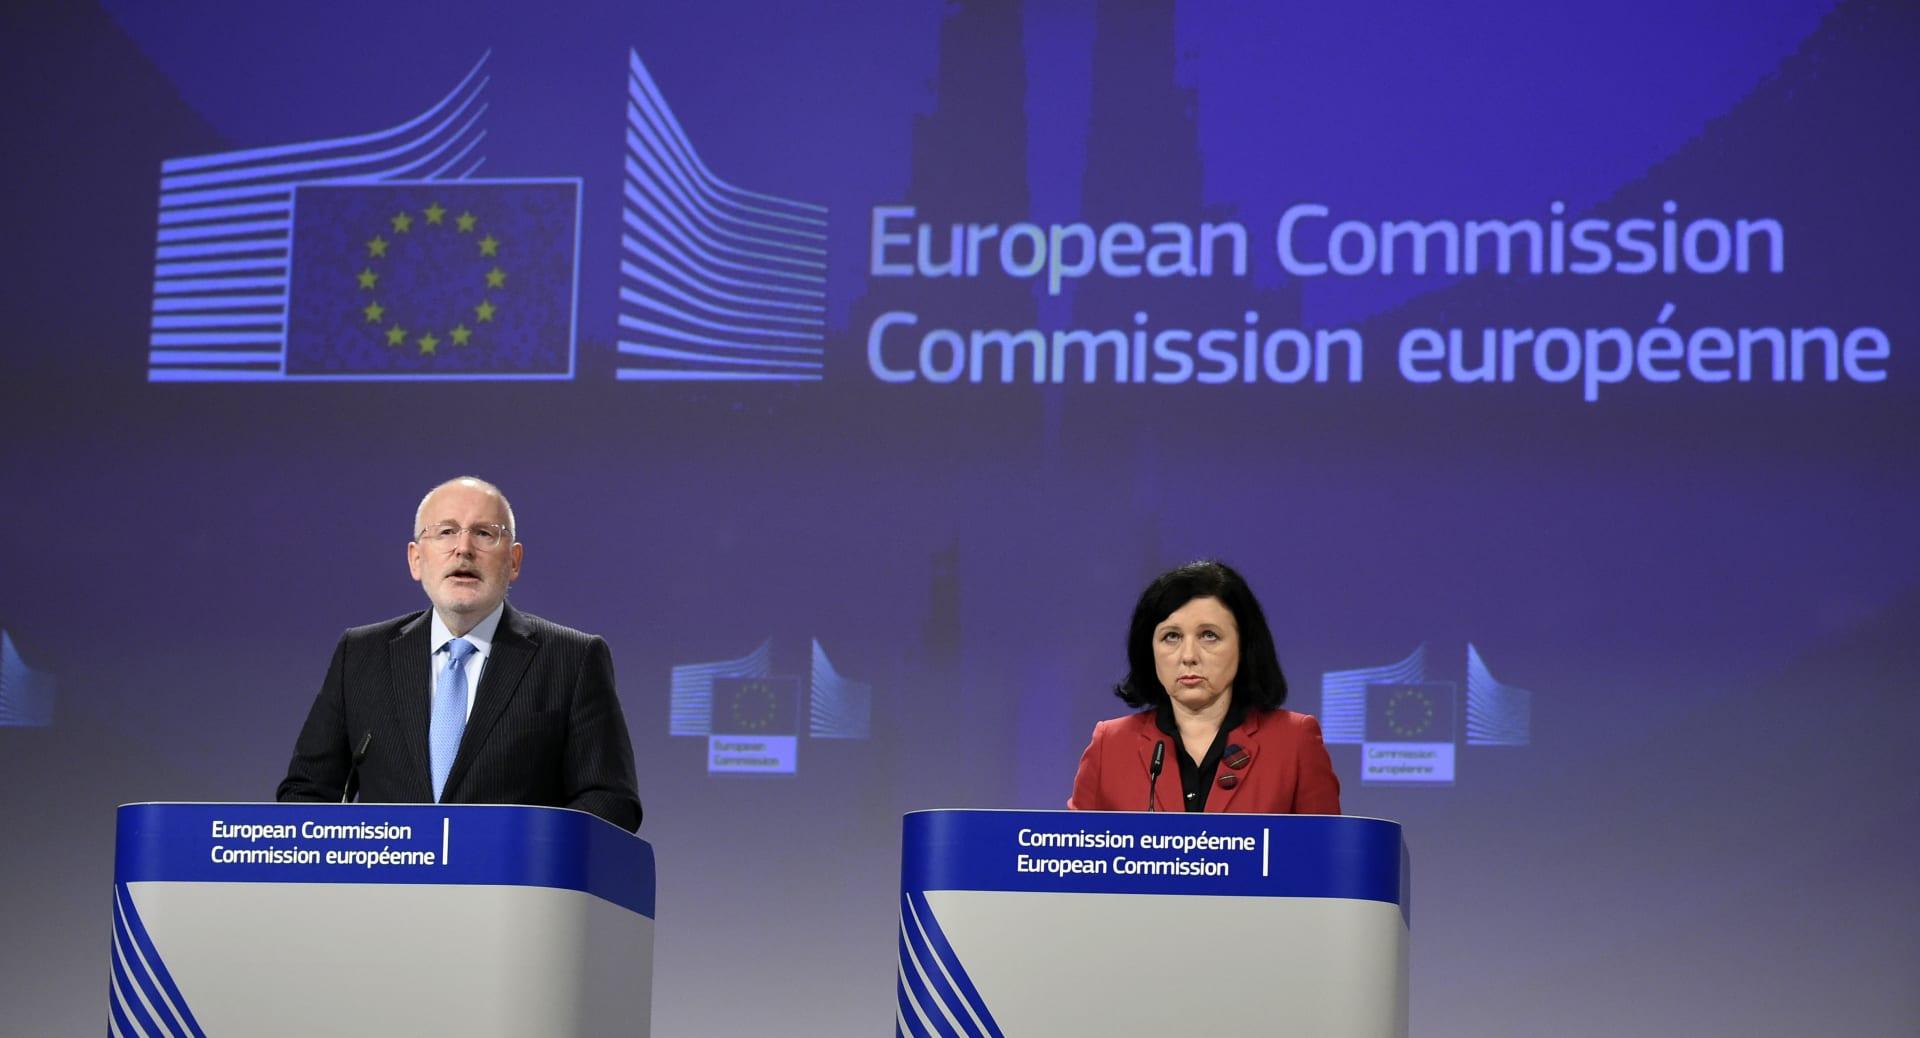 أوروبا تقترح إضافة السعودية لقائمة غسل الأموال.. وانتقادات أمريكية